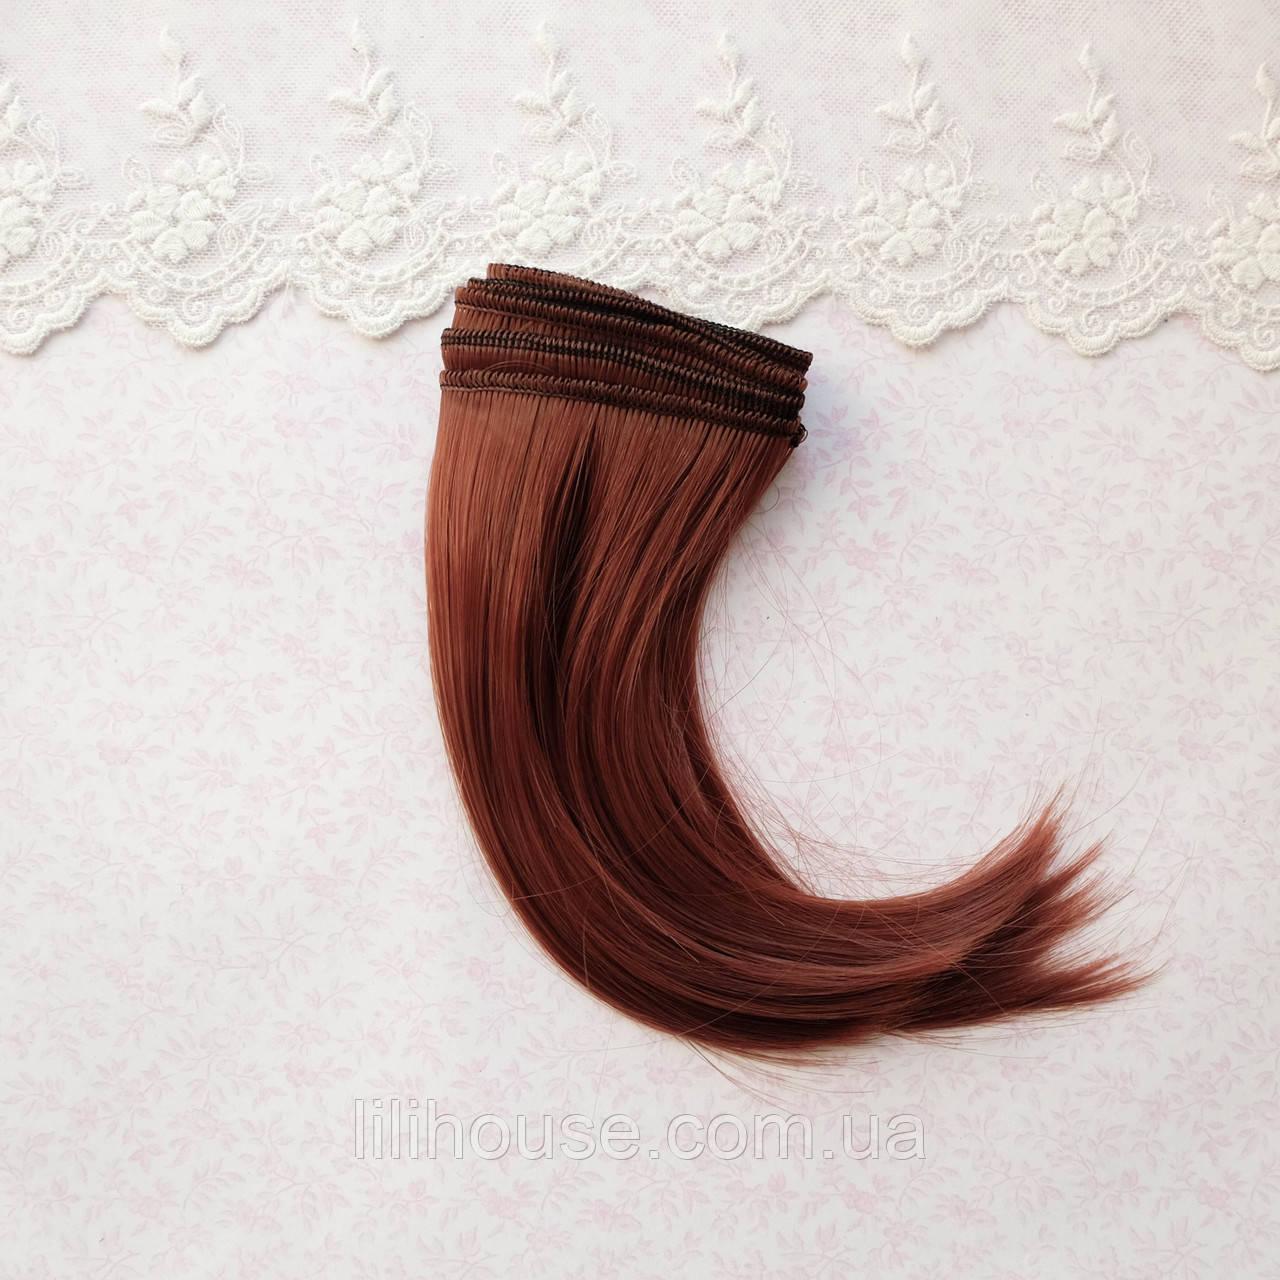 Волосы для кукол прямые боб в трессах, медь шелк - 10 см